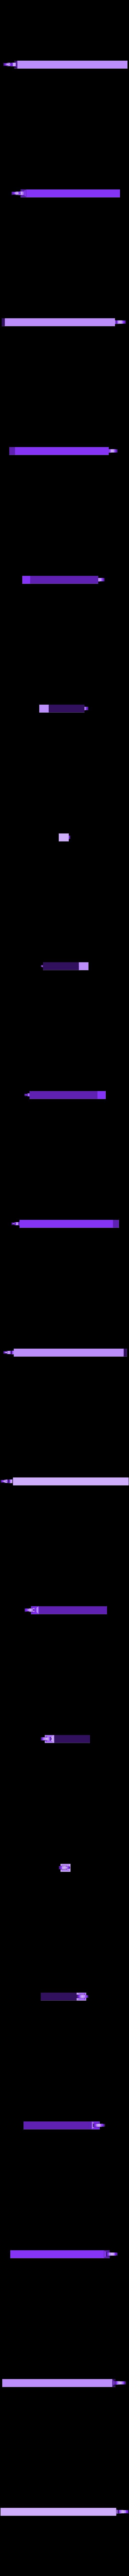 leg.stl Télécharger fichier STL gratuit Jeu du pendu • Plan pour imprimante 3D, M3Dr